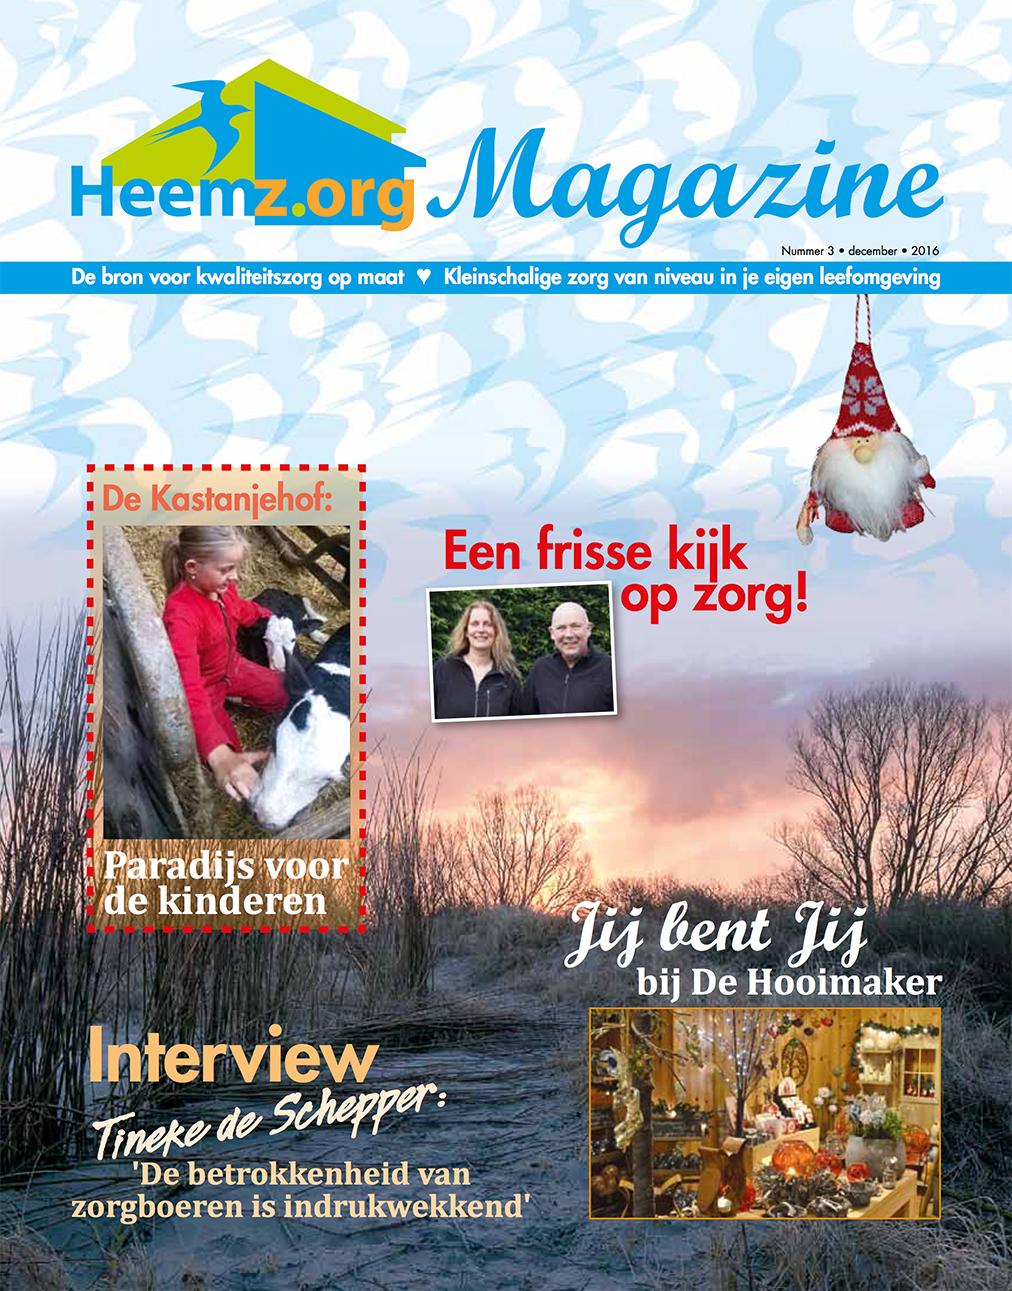 Heemz.org Magazine nr. 3  van 2016 nu digitaal te downloaden